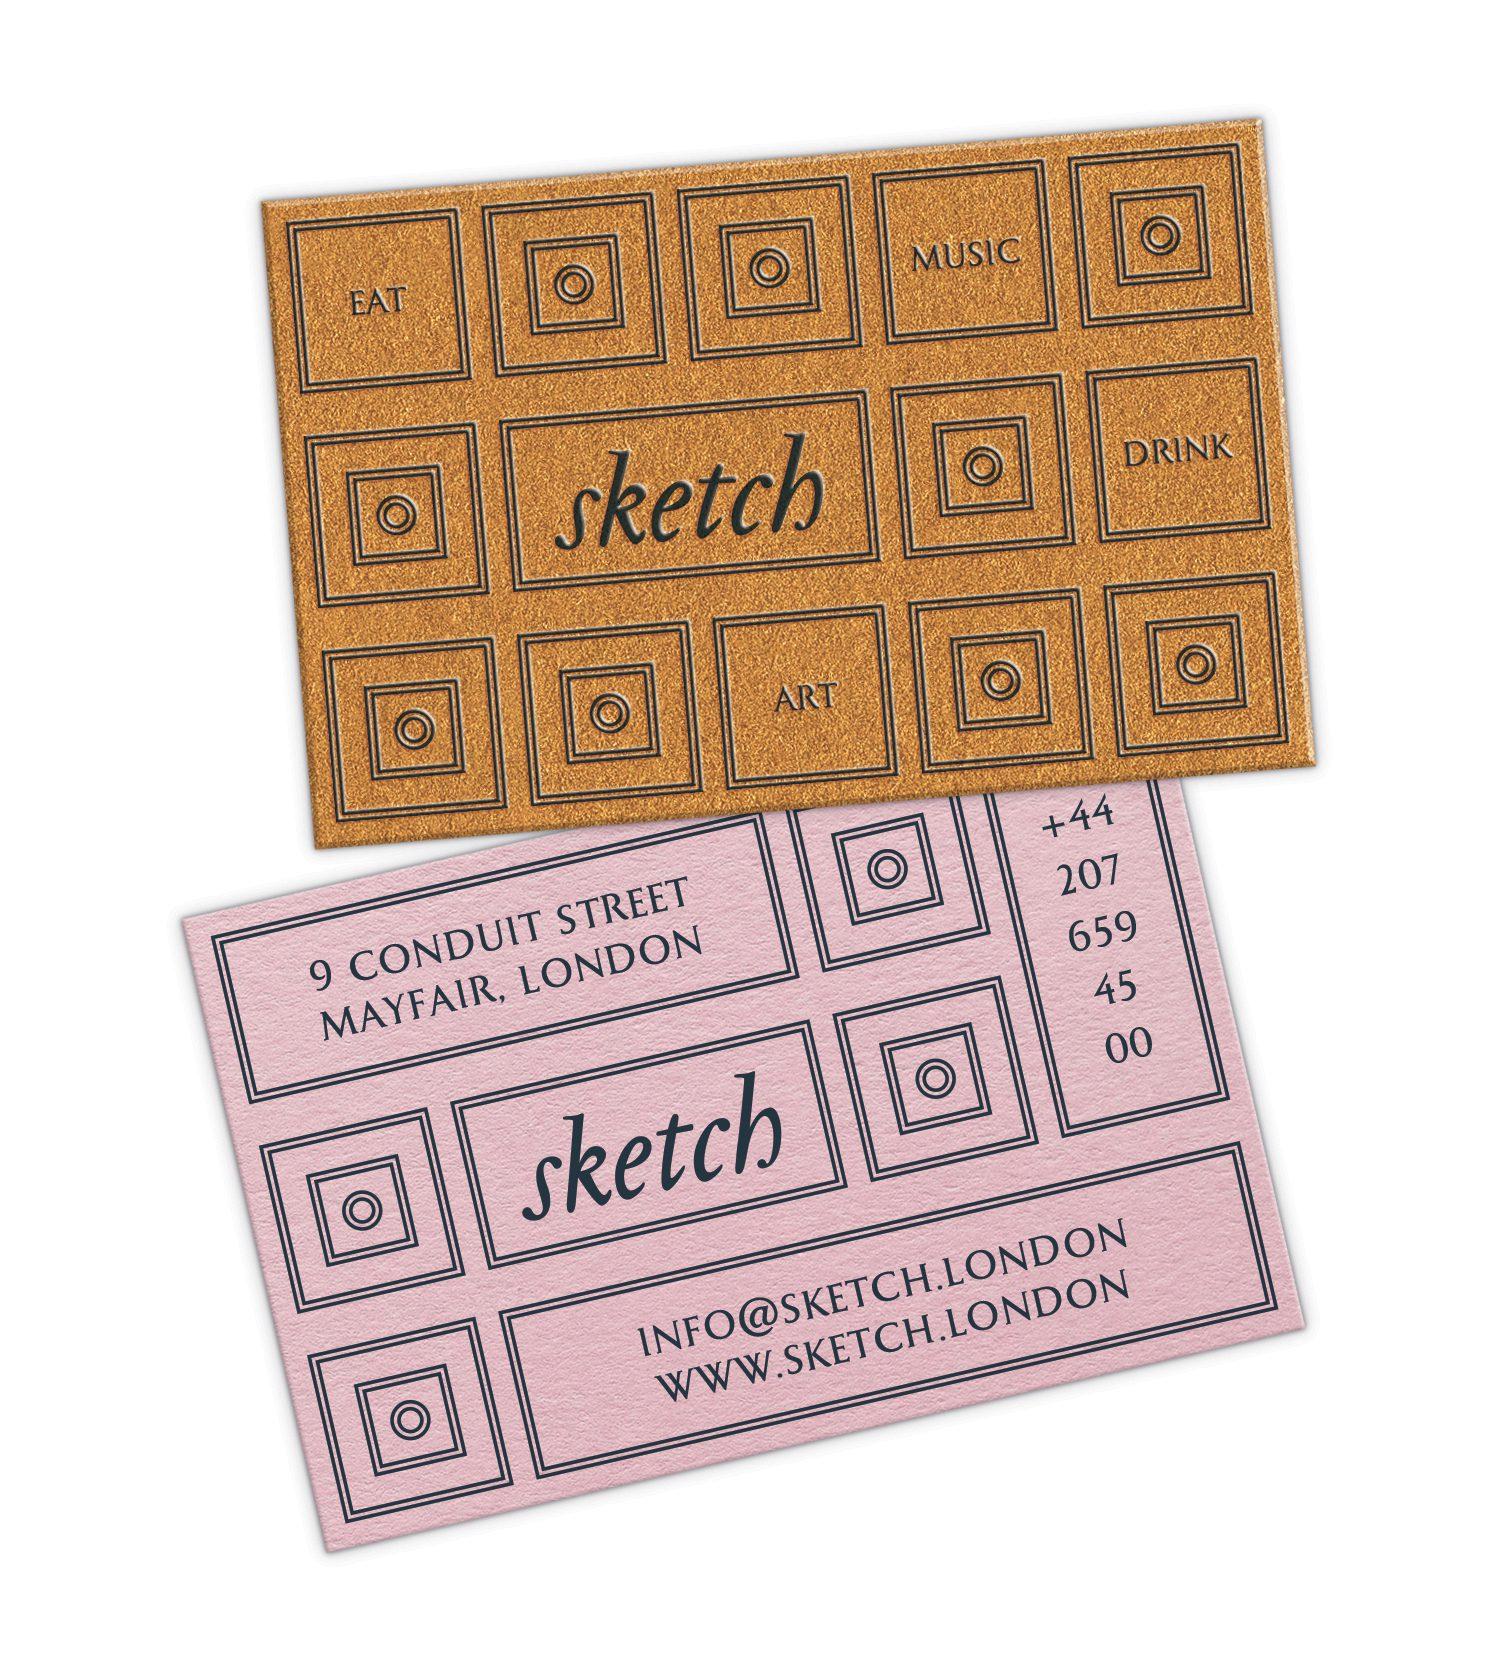 La carte de visite du restaurant le Sketch à Londres, papier rose et cuivre, impression raised pour le volume sur le motif, design IchetKar